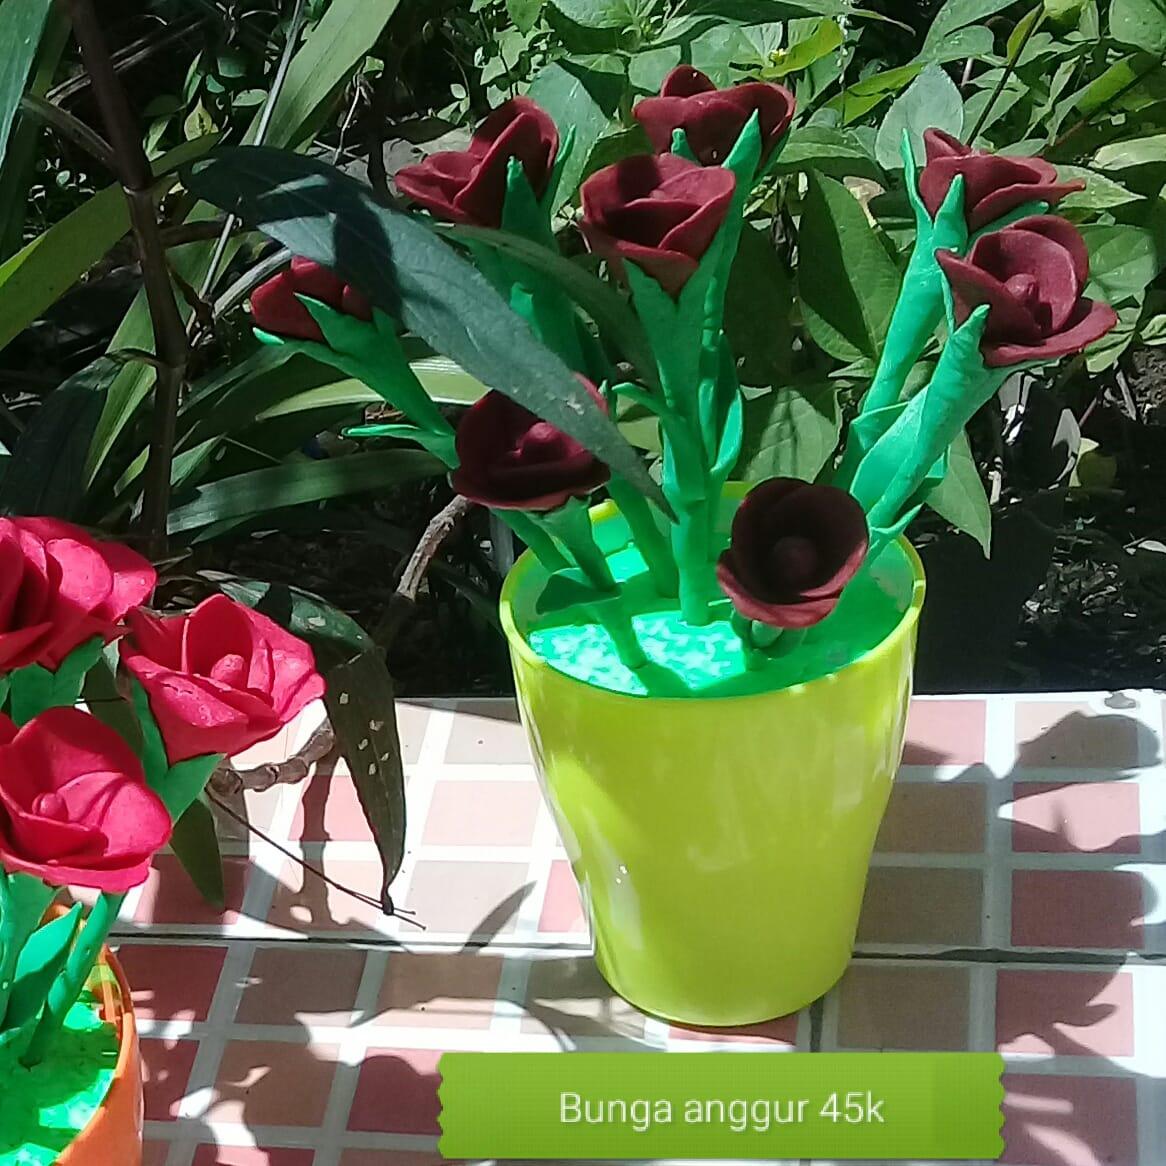 Bunga sabun maroon aroma anggur